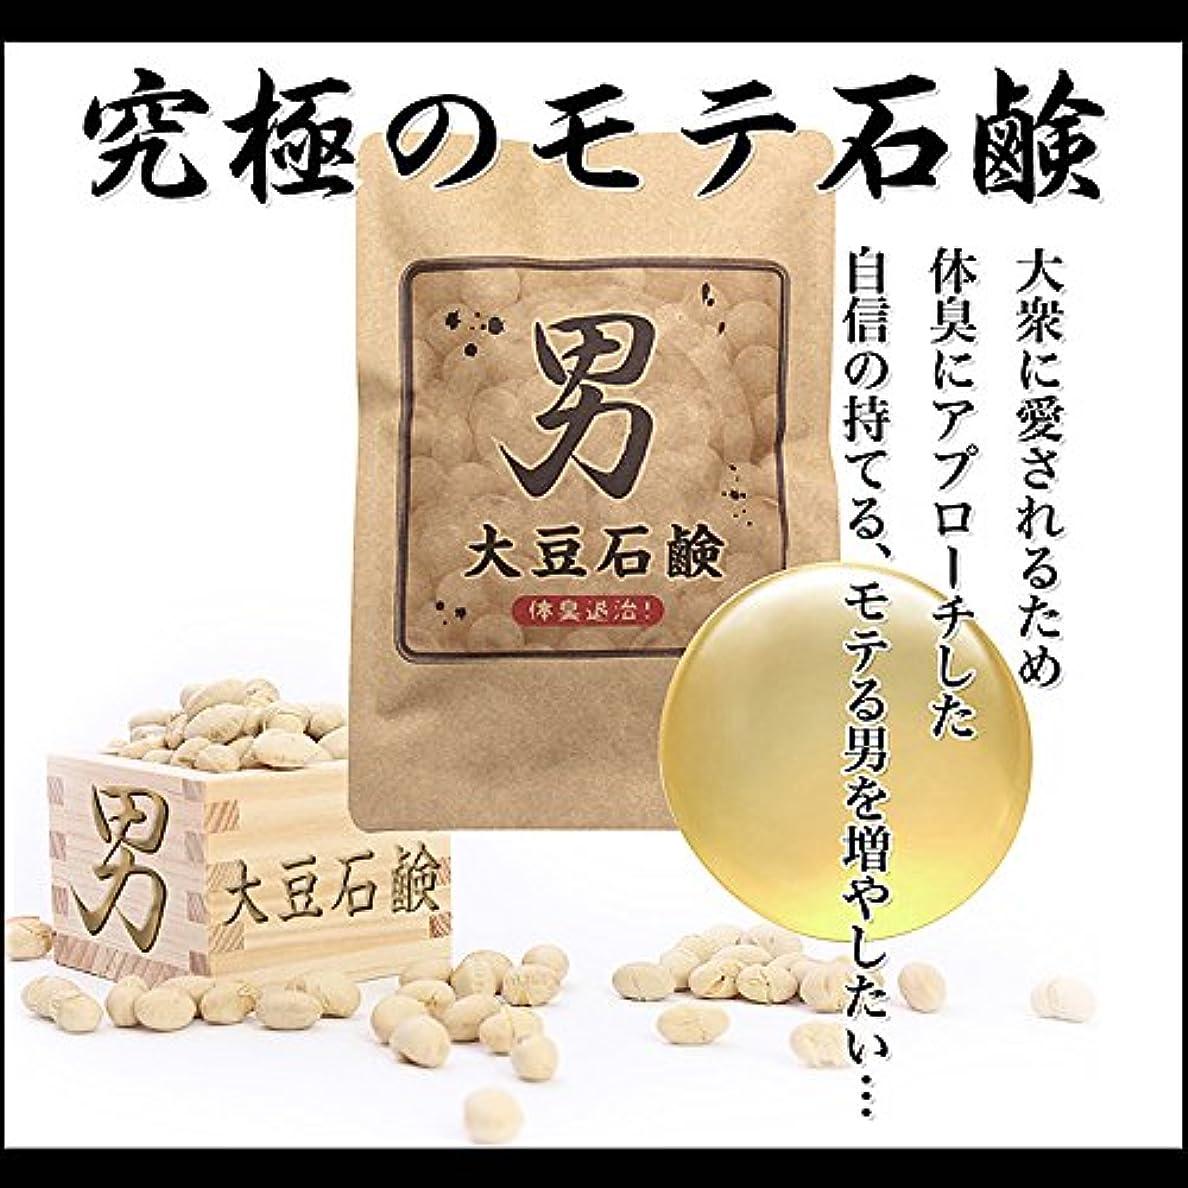 男大豆石鹸(セリュードボーテ ピュアソープ)